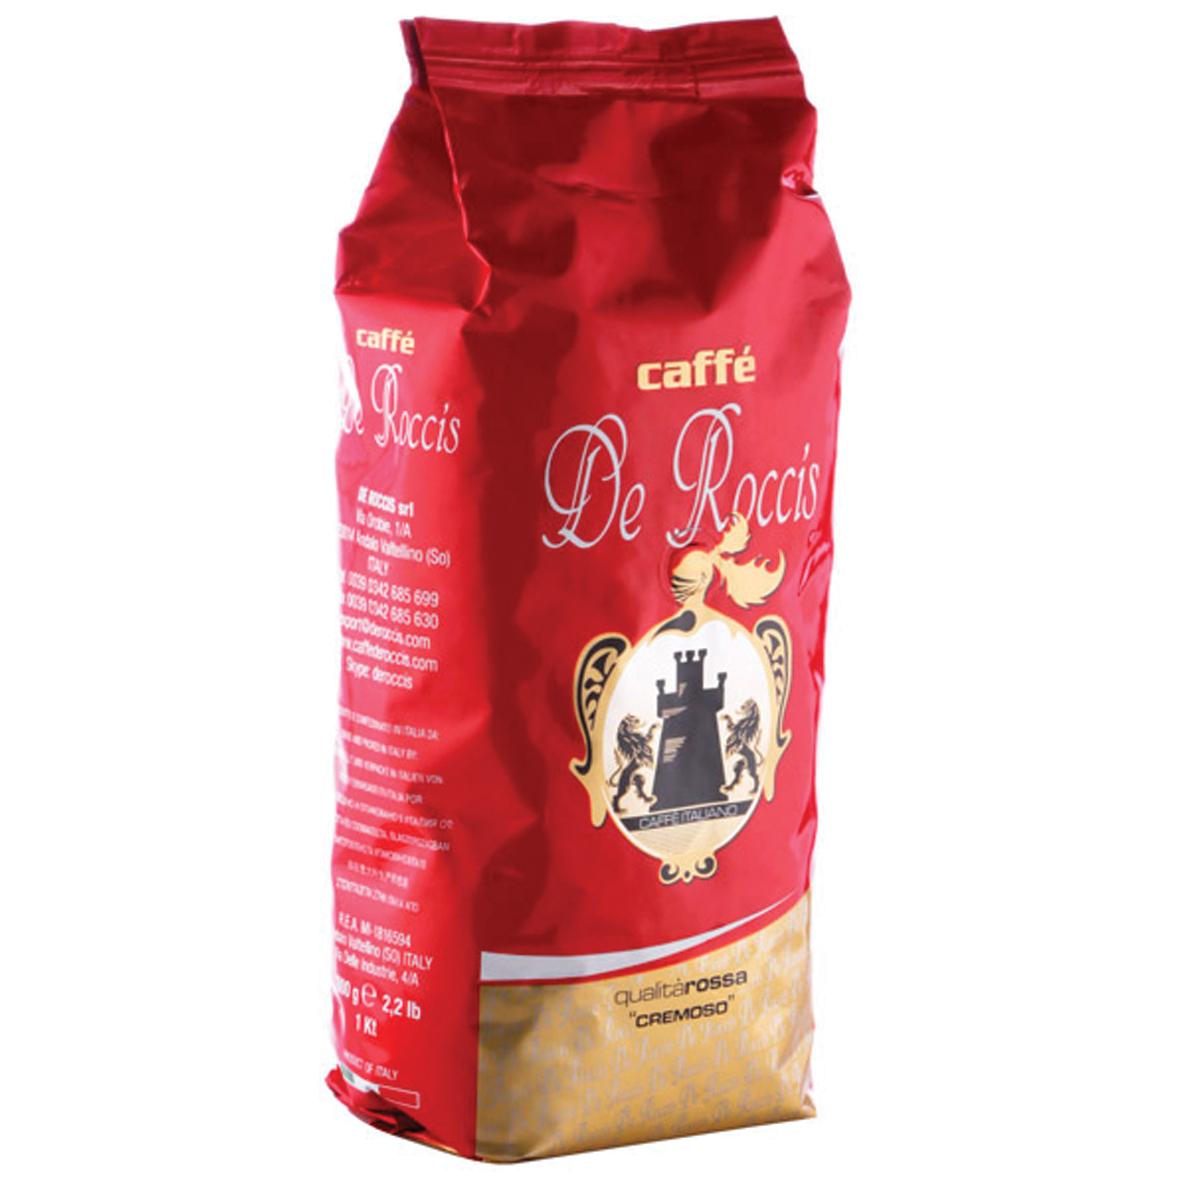 De Roccis Rossa кофе в зернах, 1 кг musetti rossa кофе в зернах 1 кг